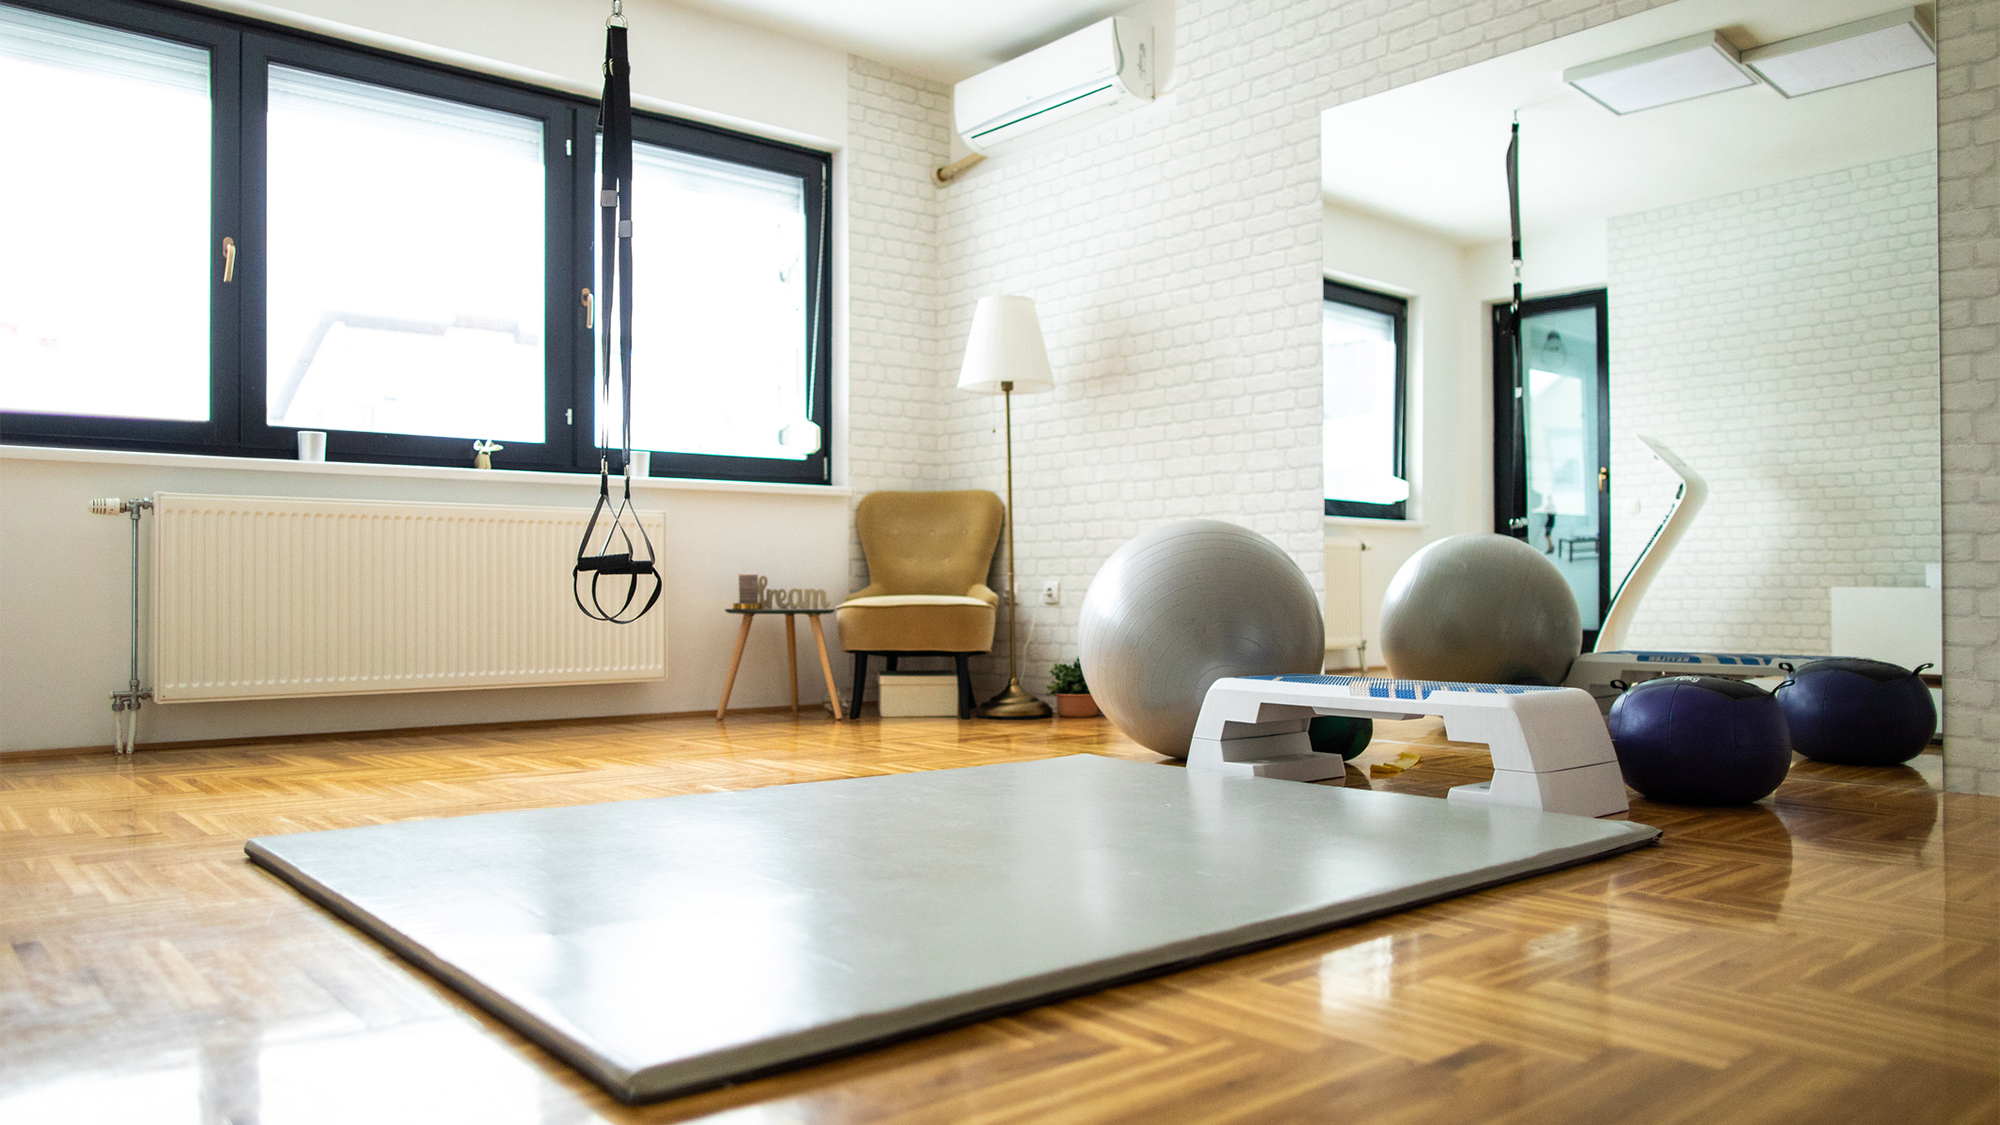 Mách bạn cách thiết kế phòng tập thể dục tại nhà hữu ích trong mùa dịch - Ảnh 1.